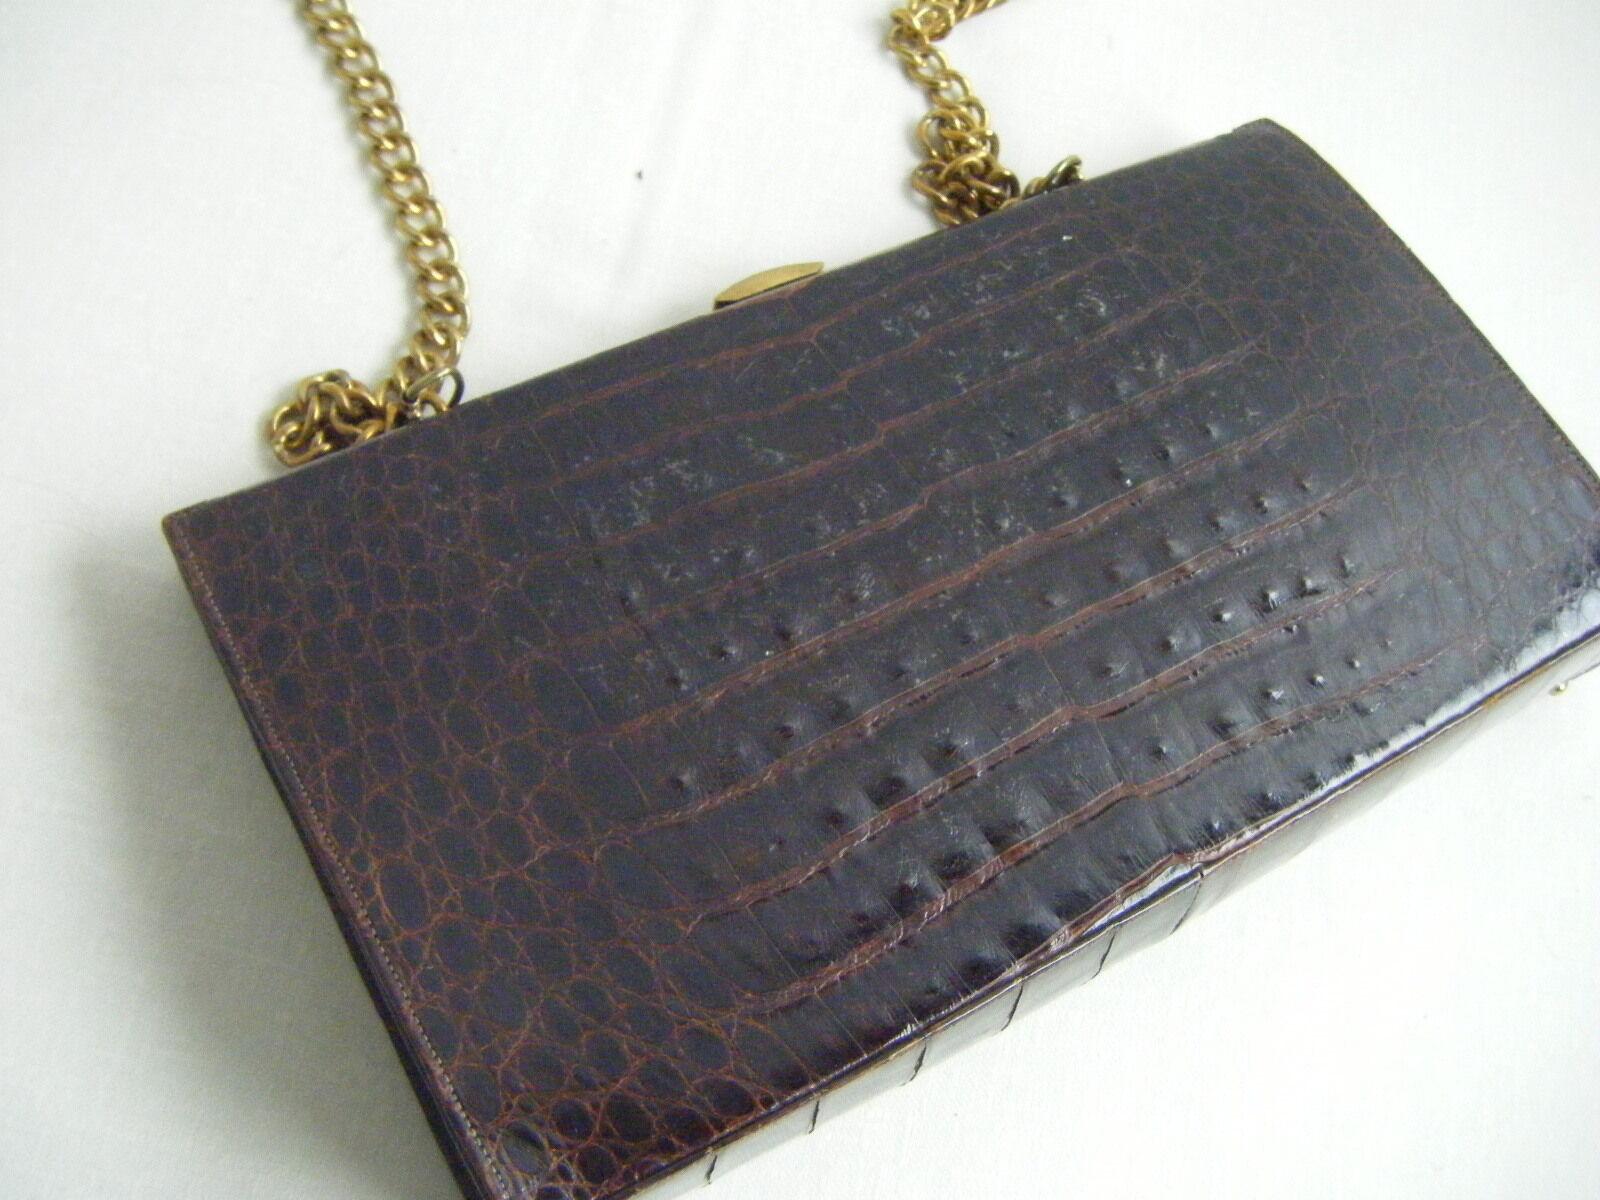 Escot Taschen Vtg Braun Braun Braun Krokodil Mittelgroße Schulter m.   Goldkette, Selten | Erste Klasse in seiner Klasse  | Neuer Eintrag  e98e88